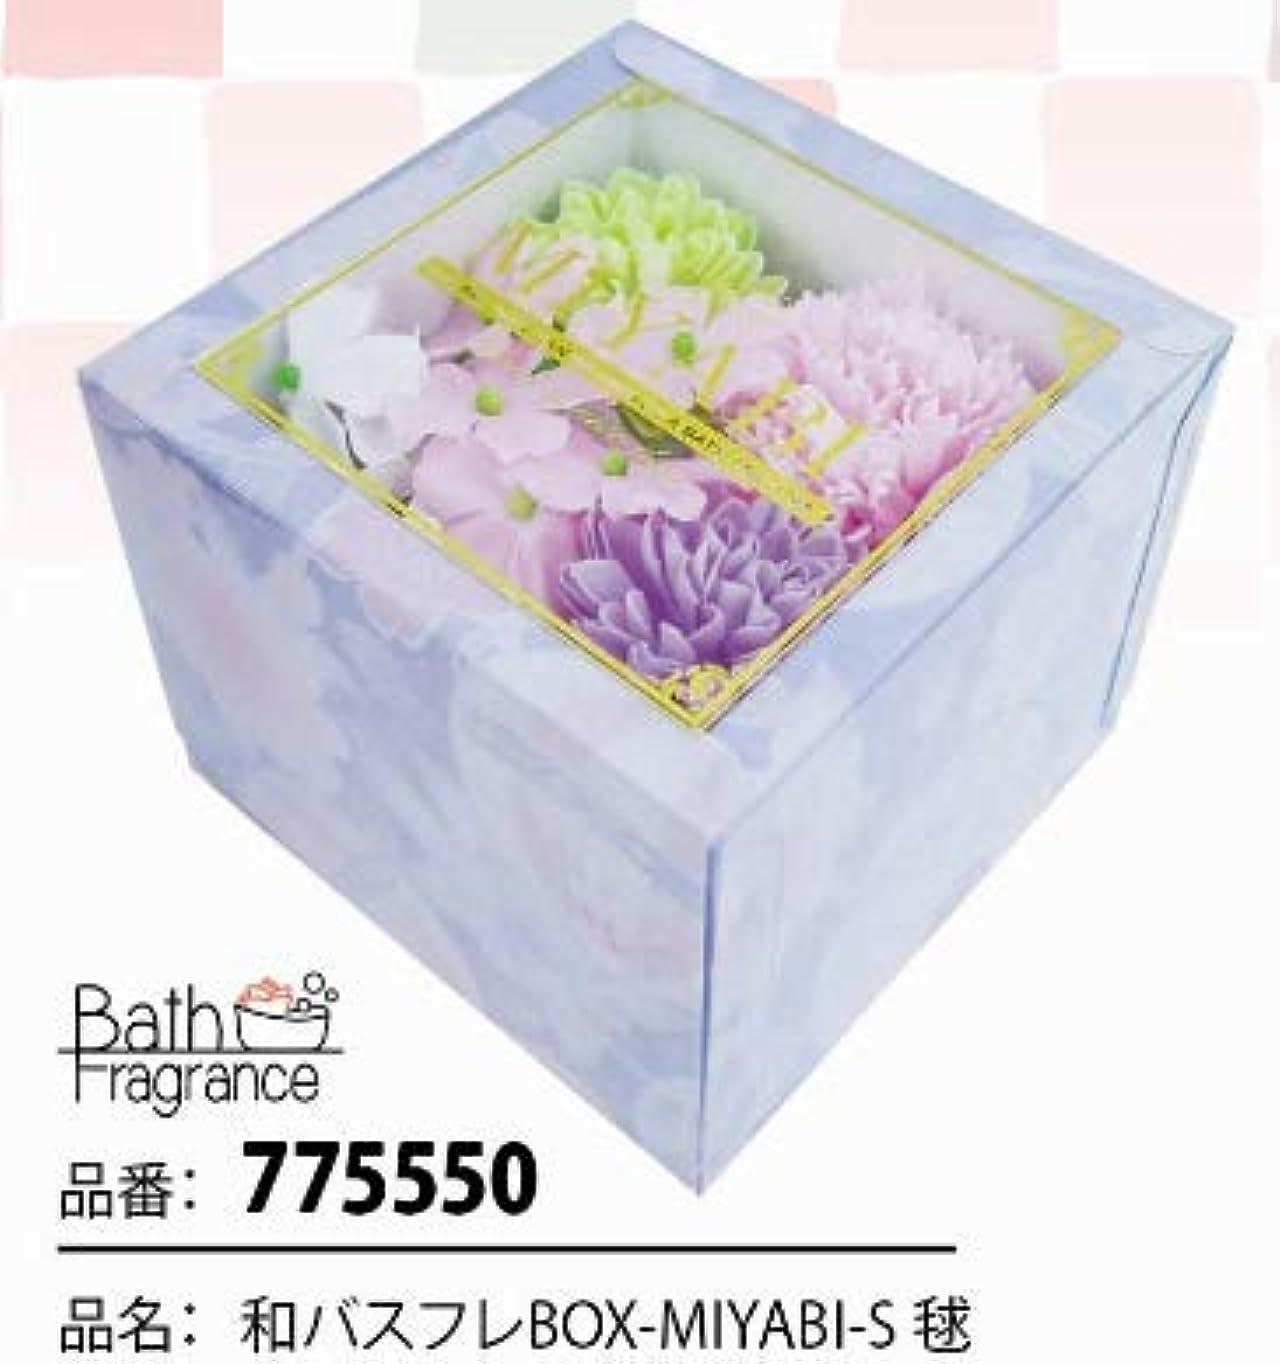 傭兵気分寄付花のカタチの入浴剤 和バスフレBOX-MIYABI-S毬 775550